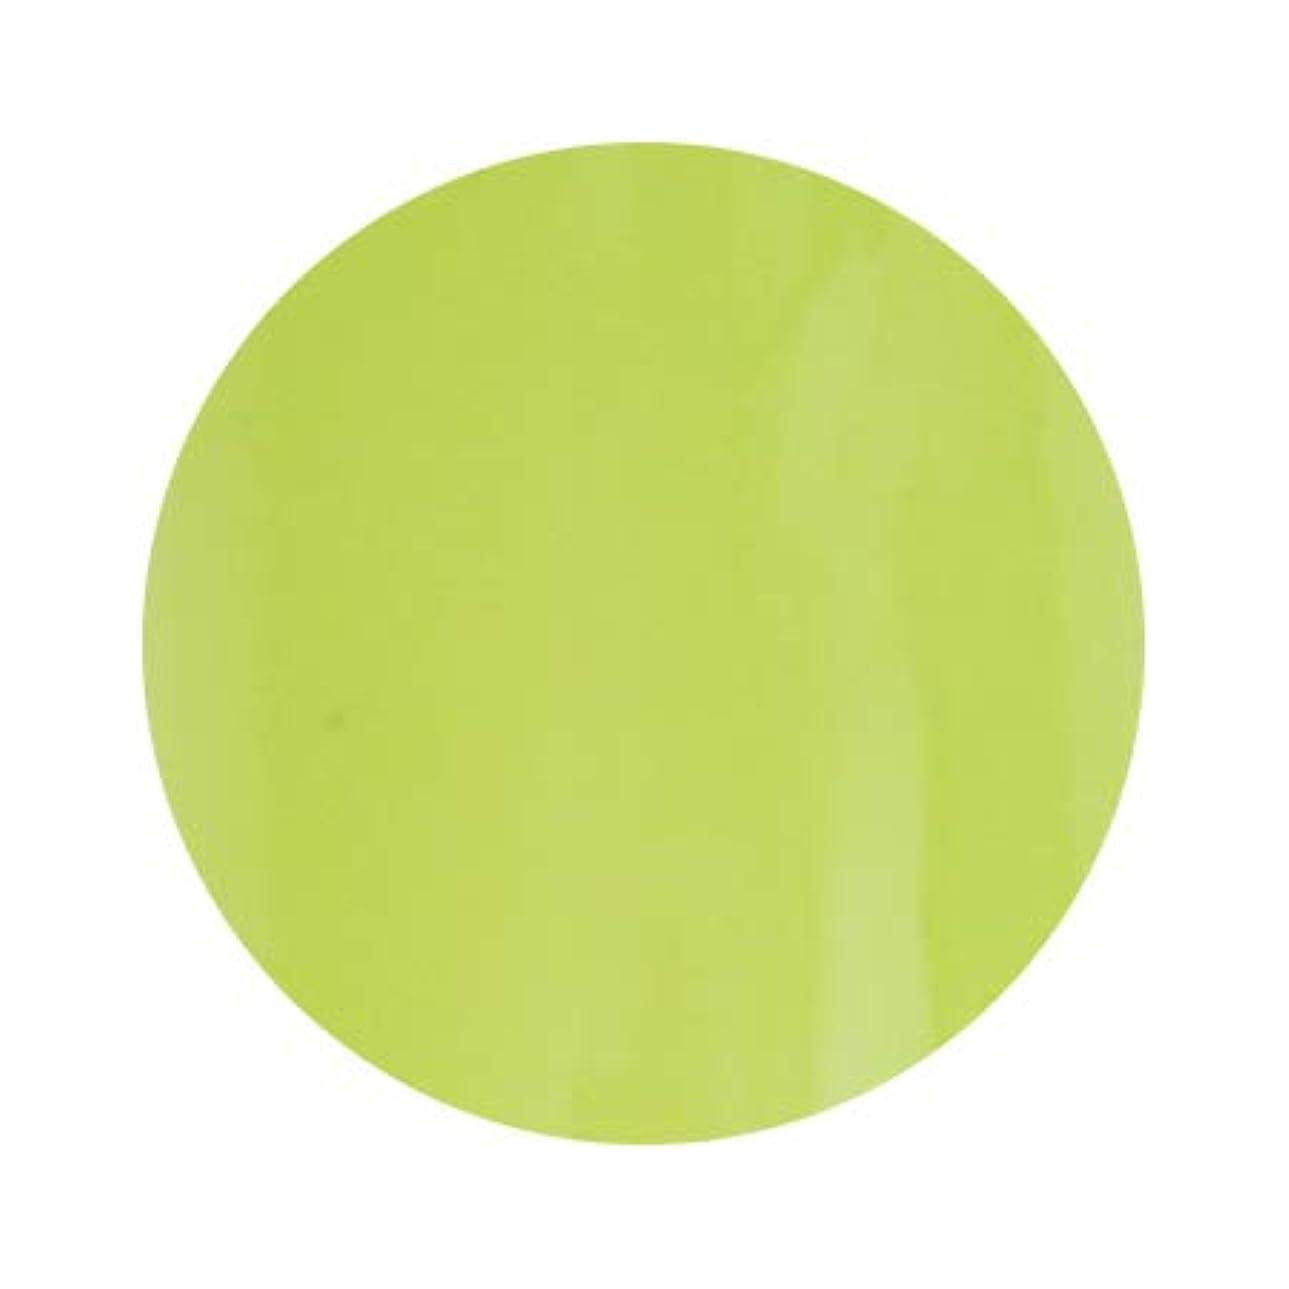 視線なめるスタックLUCU GEL ルクジェル カラー GRS03 ペリドット 3.5g